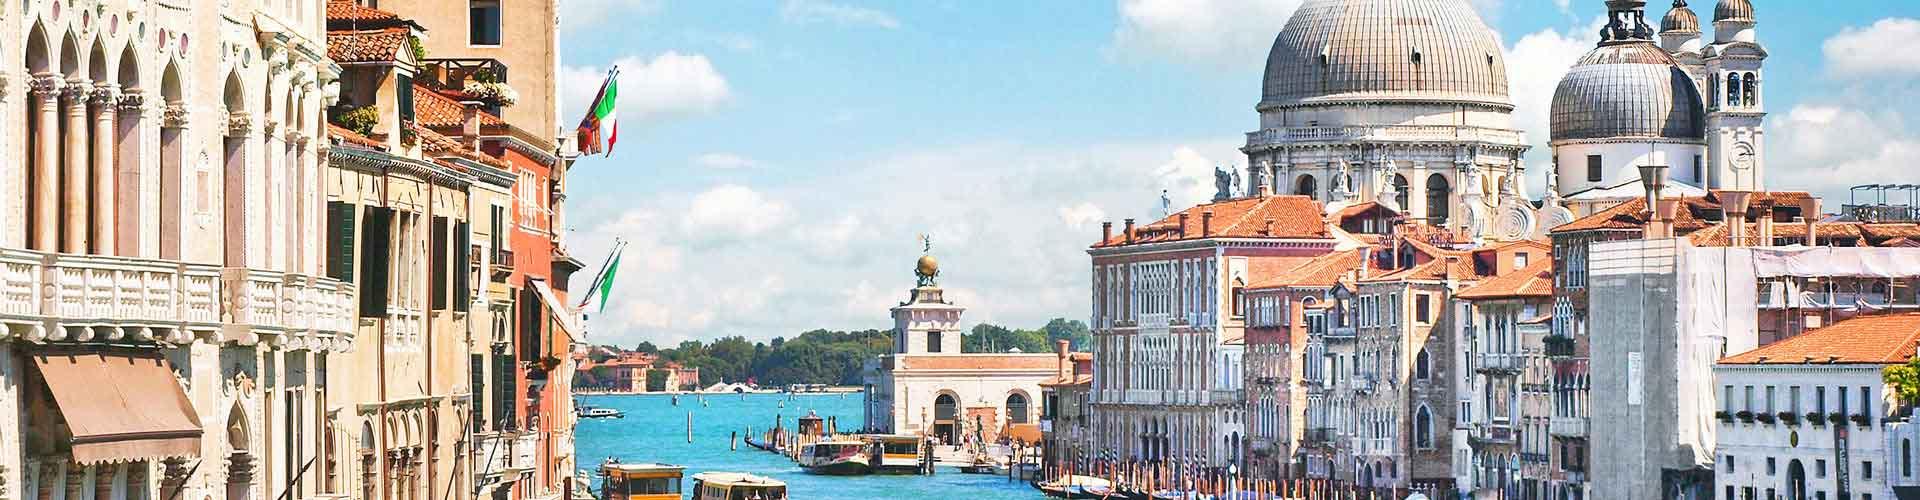 Venecia - Campamentos en el distrito Distrito Favaro Veneto. Mapas de Venecia, Fotos y comentarios de cada Campamento en Venecia.